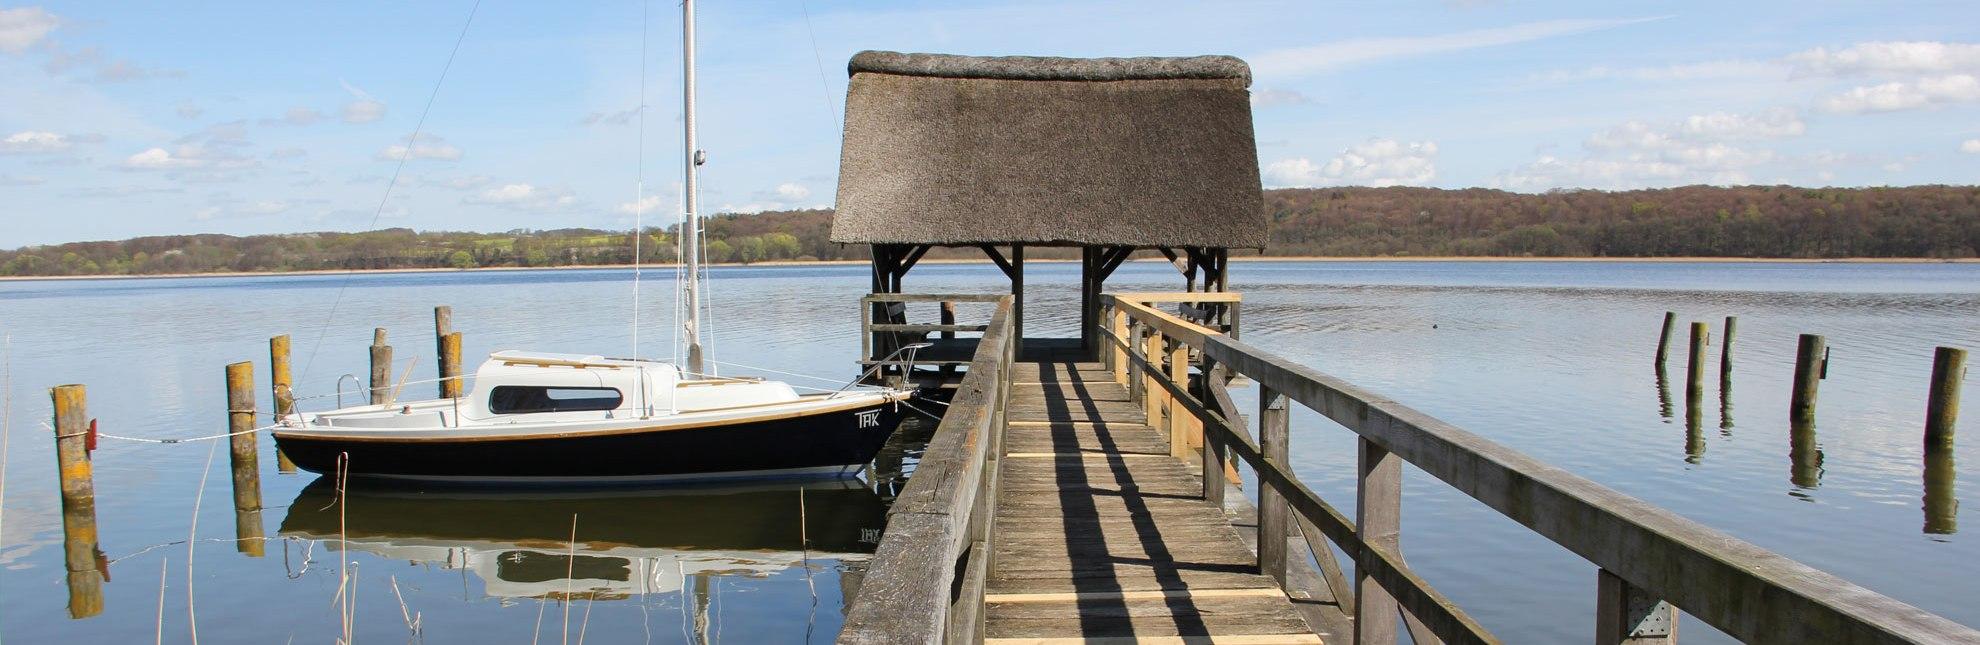 Verträumt auf dem Ratzeburger See: Boot am Steg in Buchholz., © Carina Jahnke / HLMS GmbH